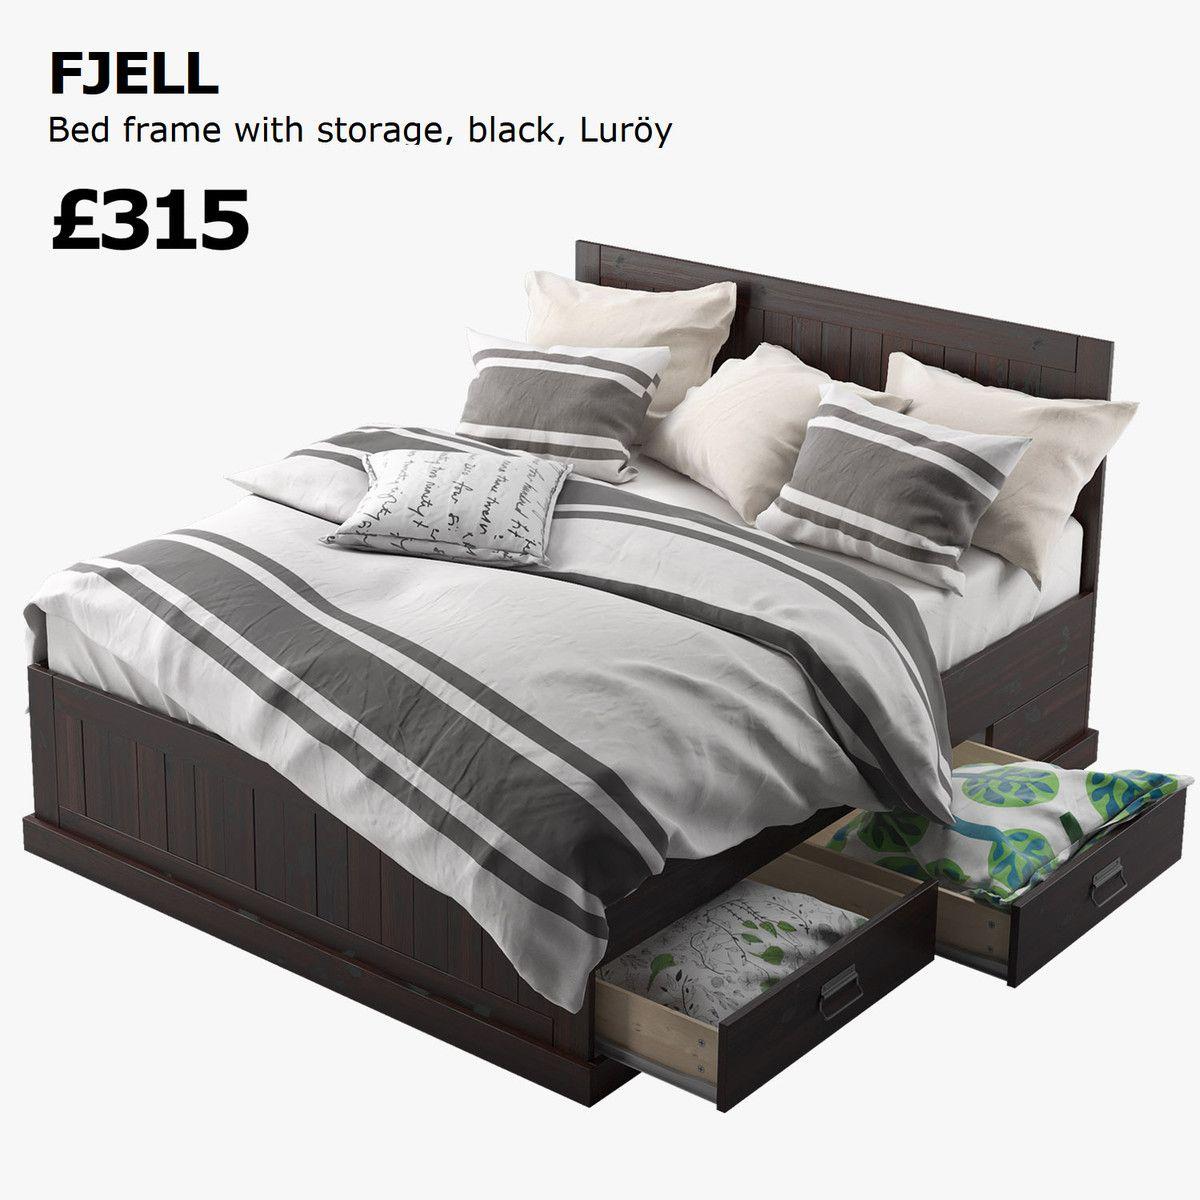 Ikea Fjell Bed 3d Model 3d Model 3d Modeling Pinterest # Muebles La Moheda